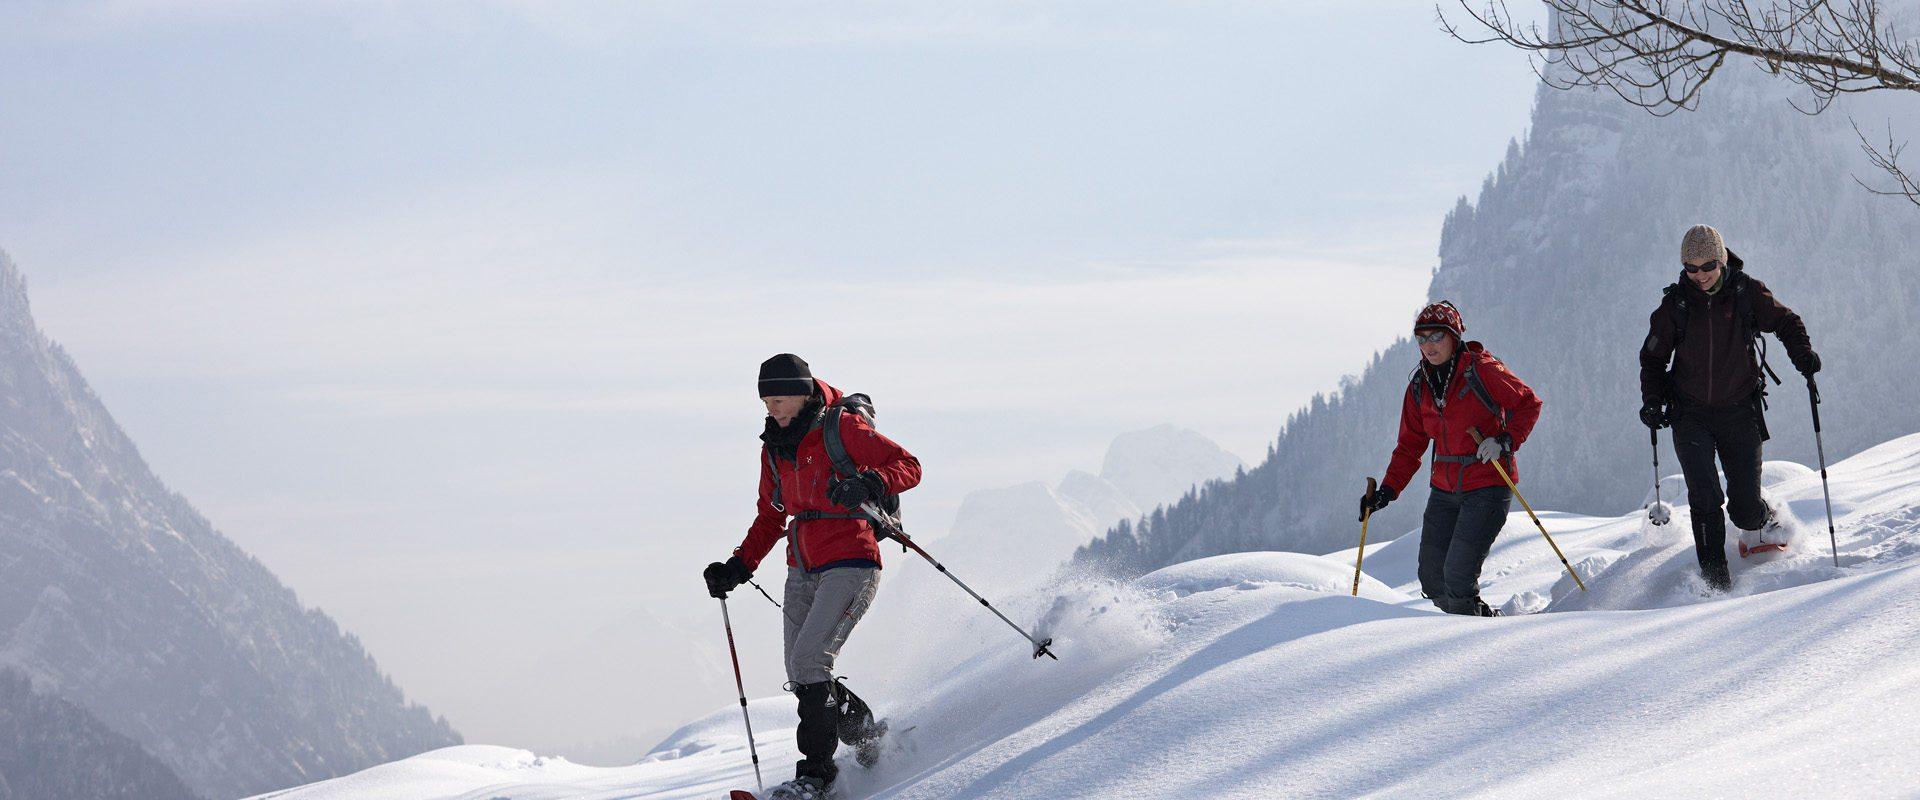 bwmag03_Schneeschuhfrauen